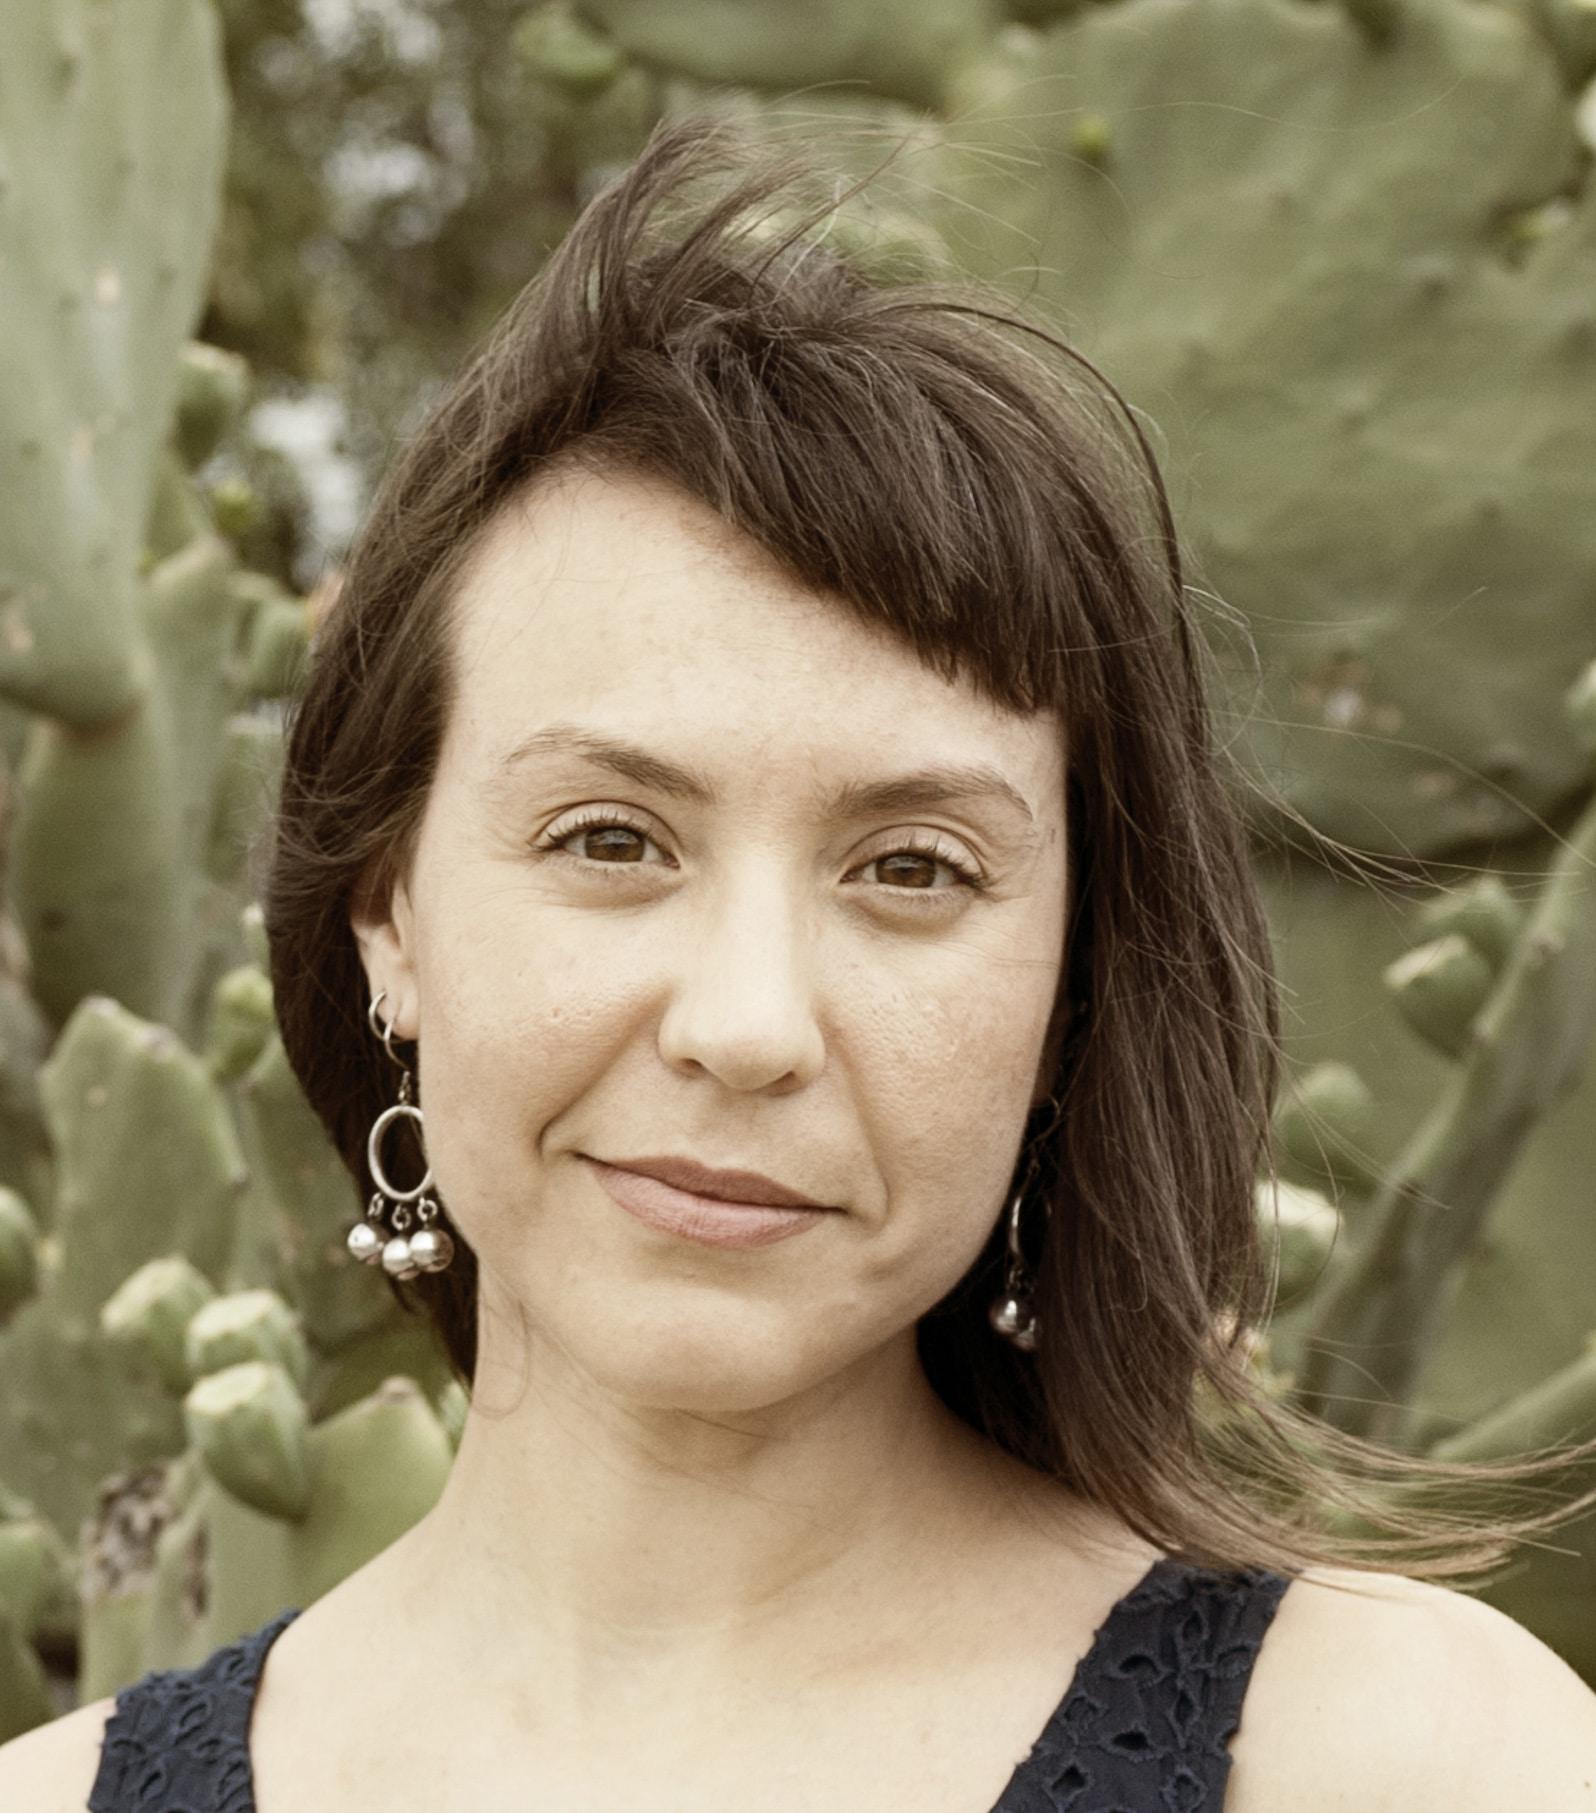 Julia Barbosa Landois